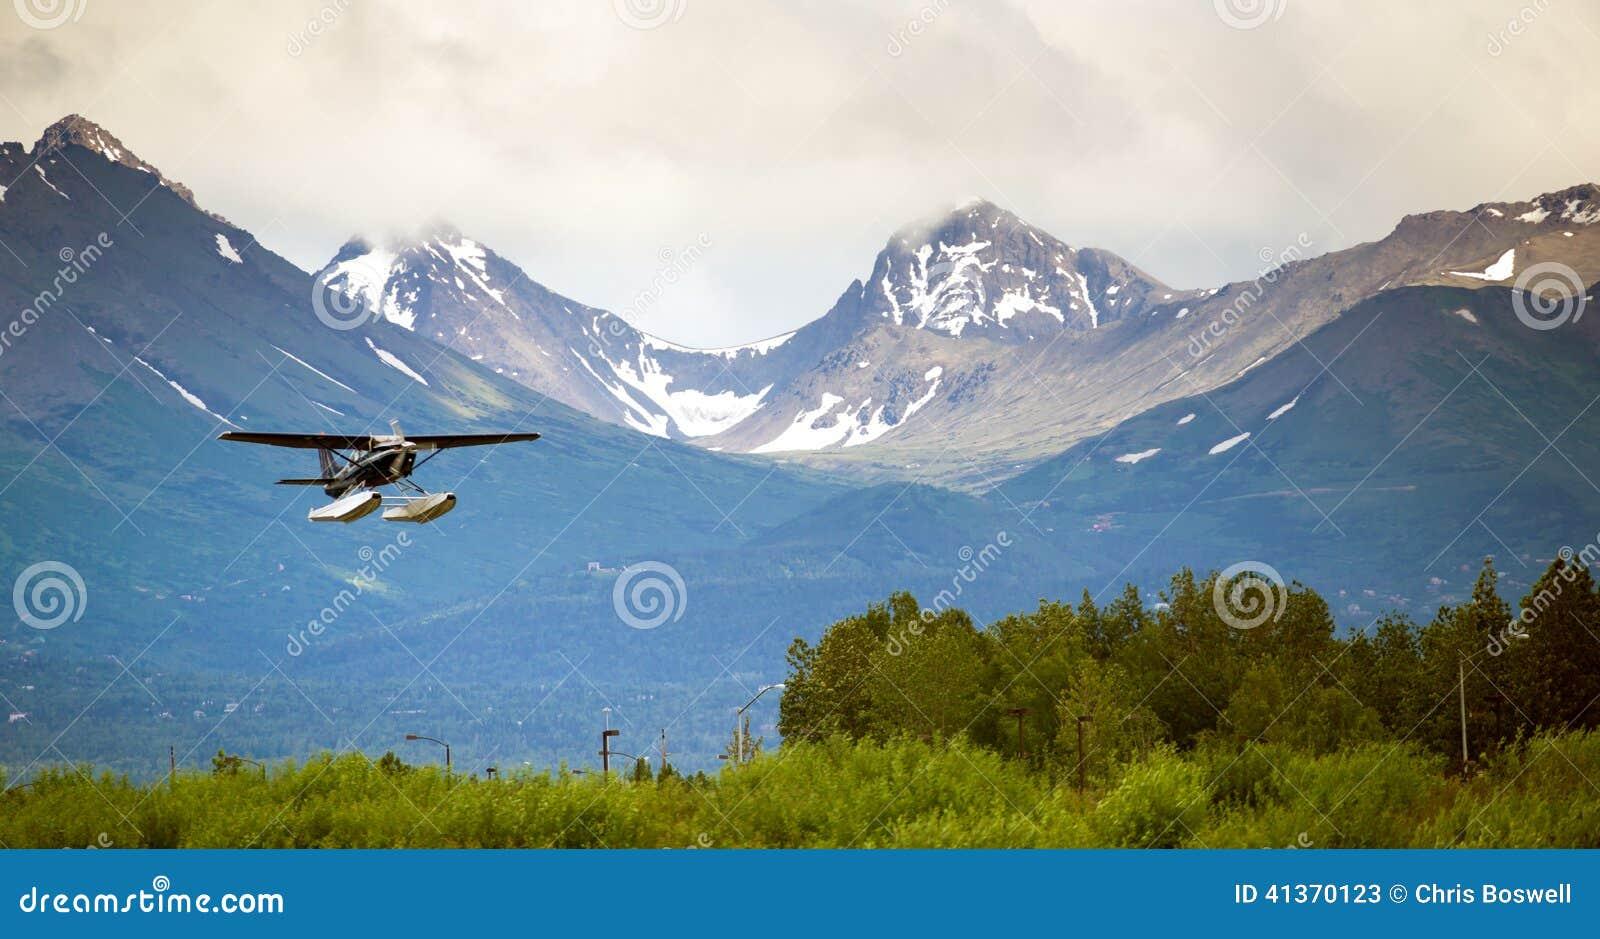 Bush Pilot Wings